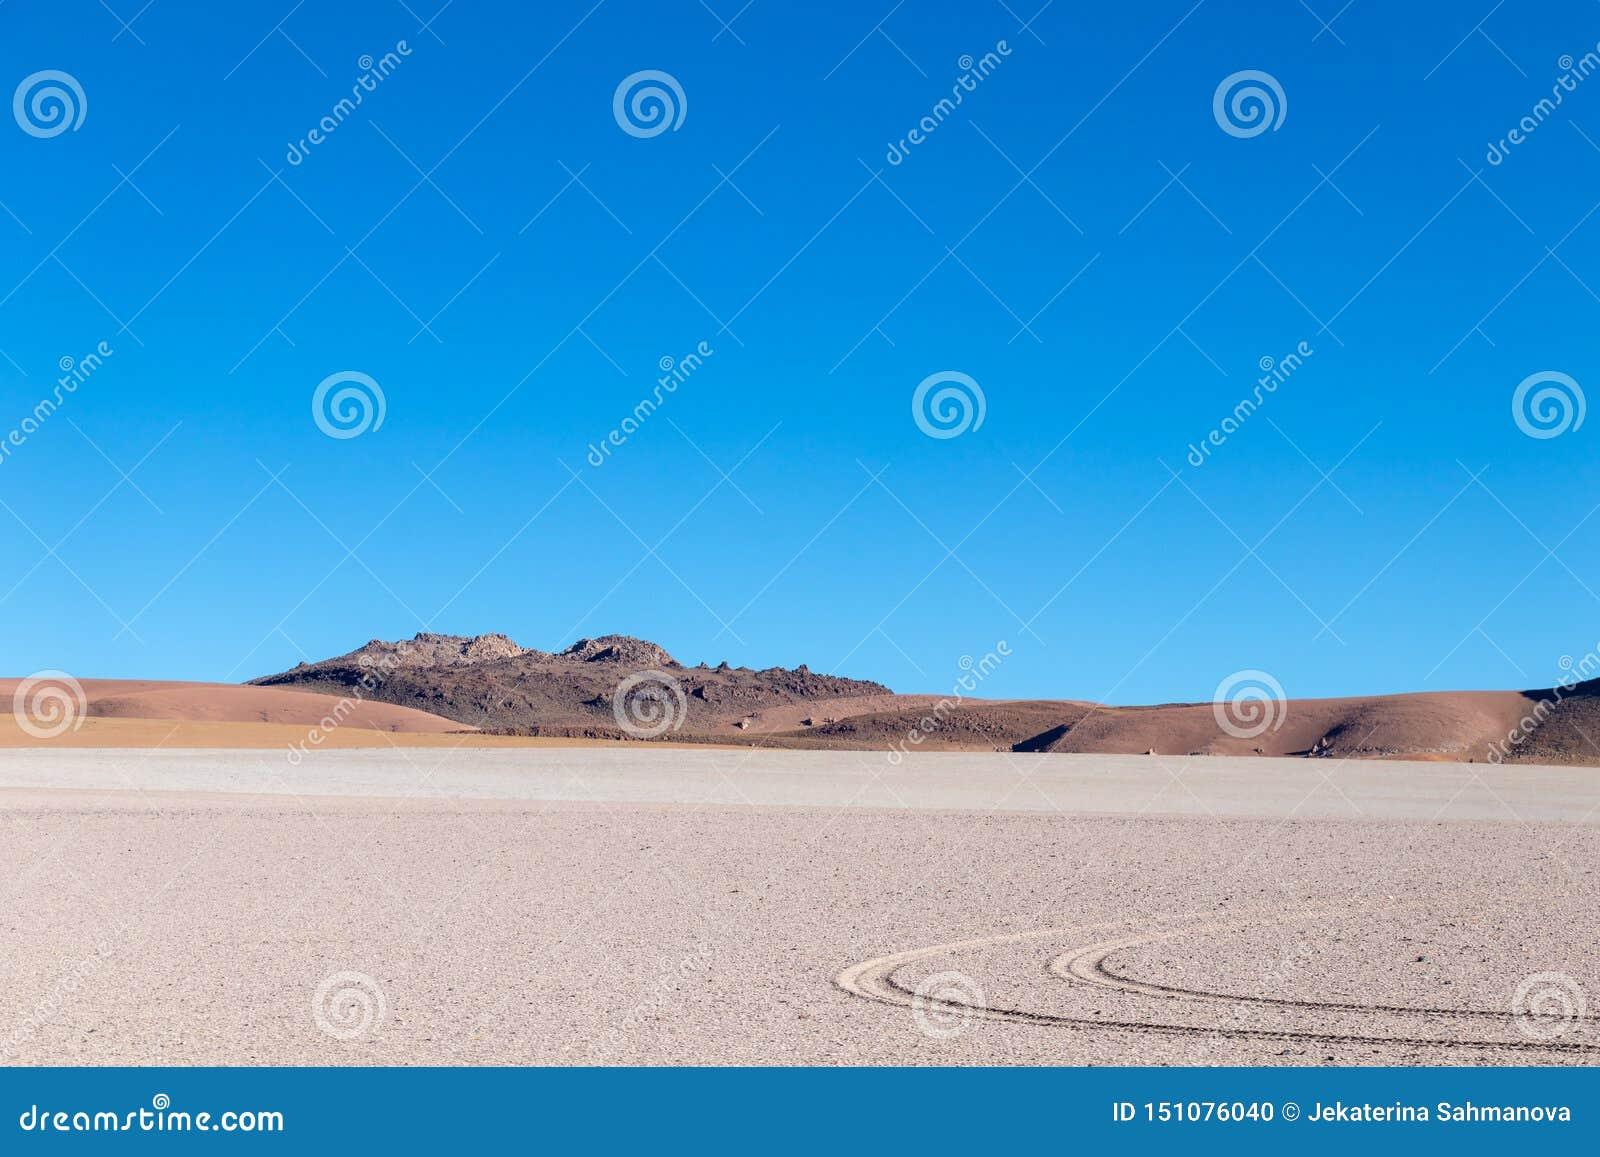 Υπόβαθρο με το άγονο τοπίο ερήμων στις βολιβιανές Άνδεις, στην επιφύλαξη φύσης Edoardo Avaroa